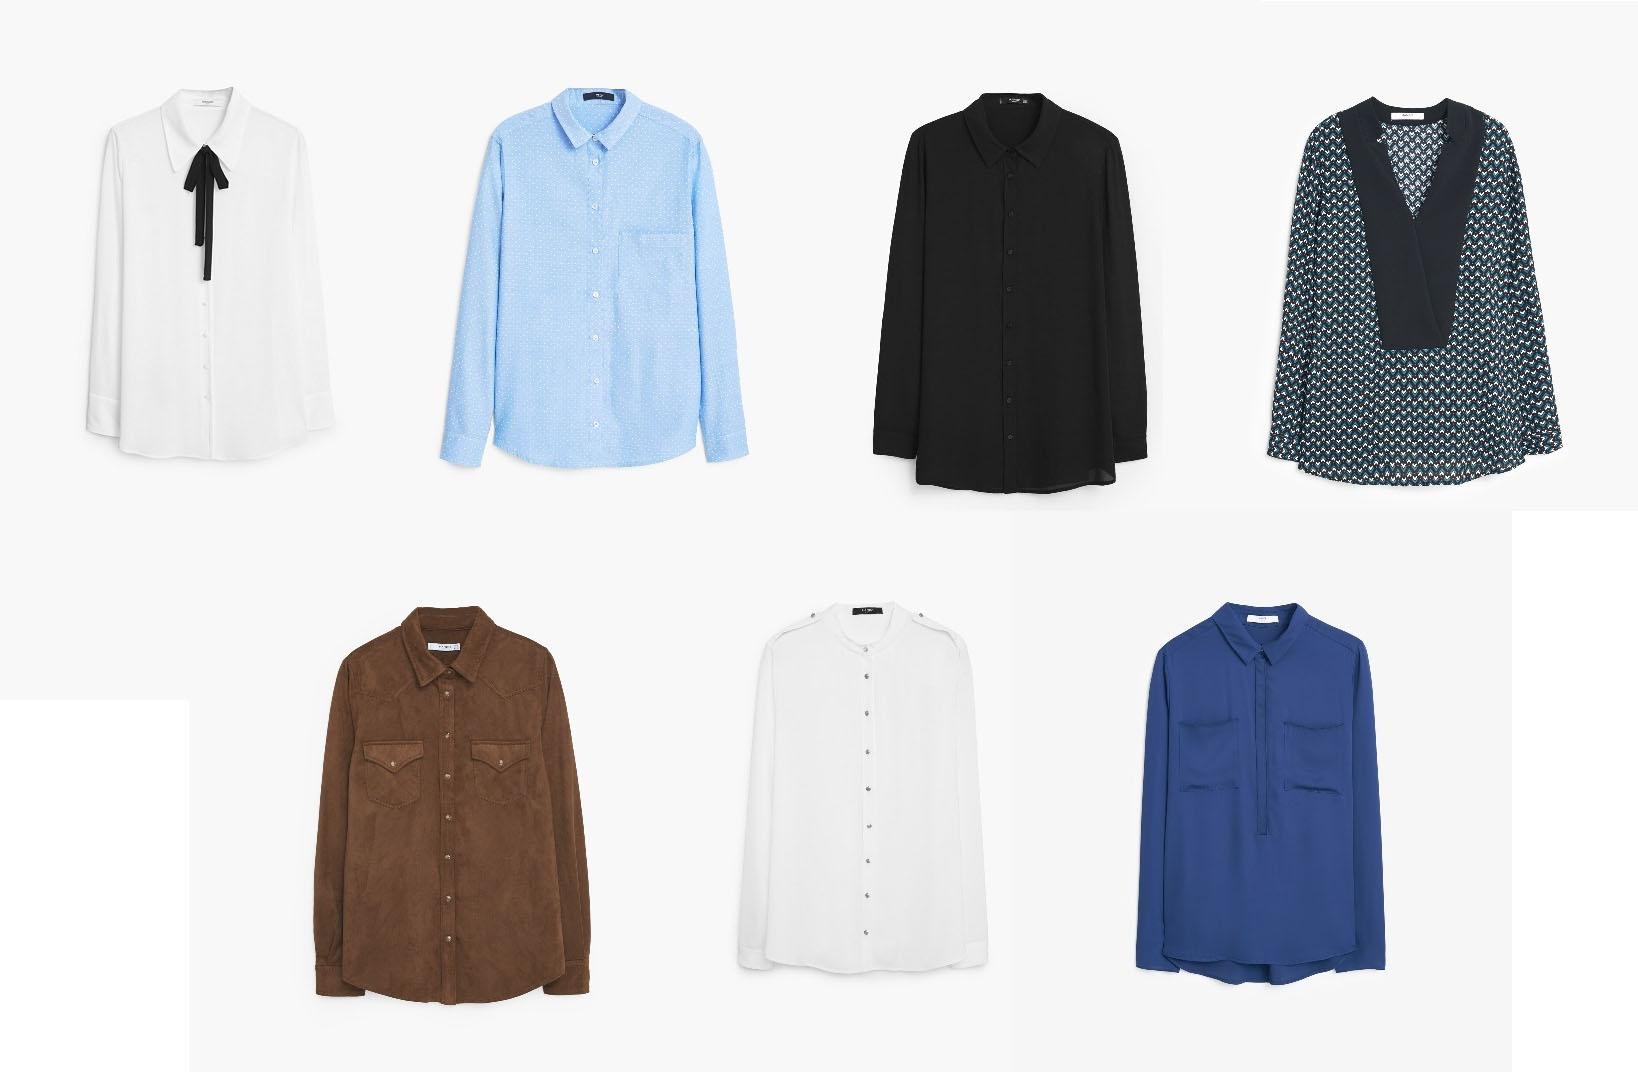 Офисный гардероб 2015: готовимся к осени джемпер